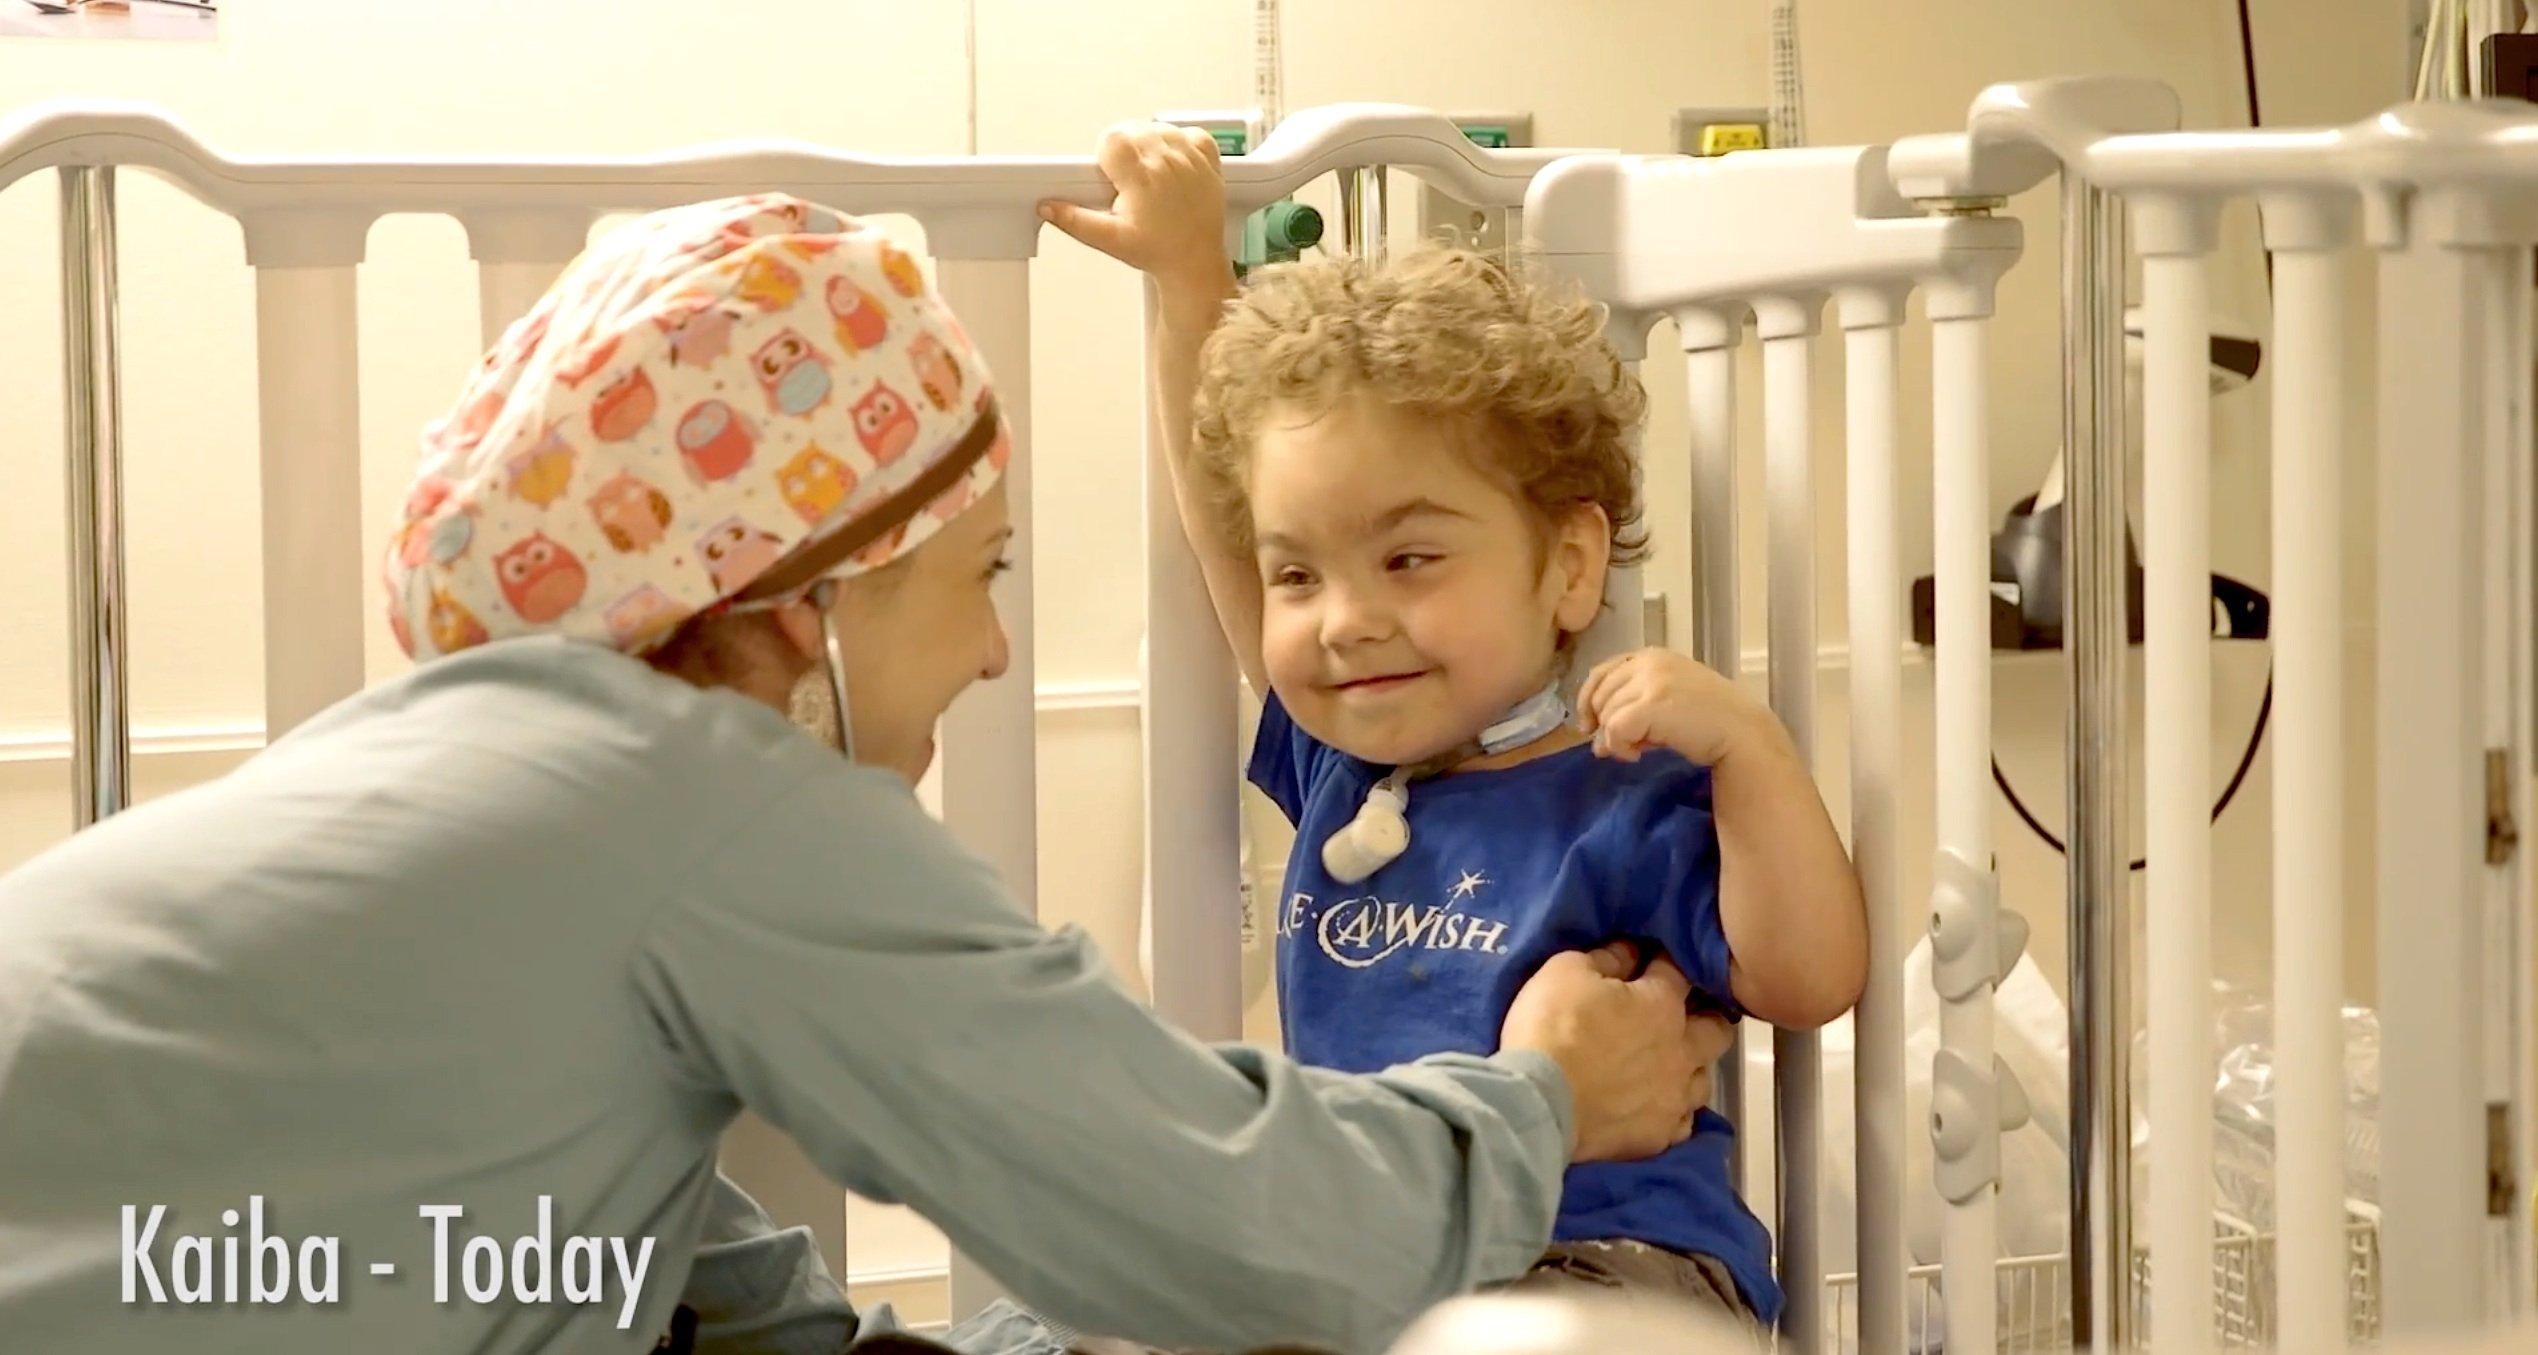 Kaiba Gionfriddo war der erste Junge, der dem neuen 3D-Implantat sein Leben verdankt.